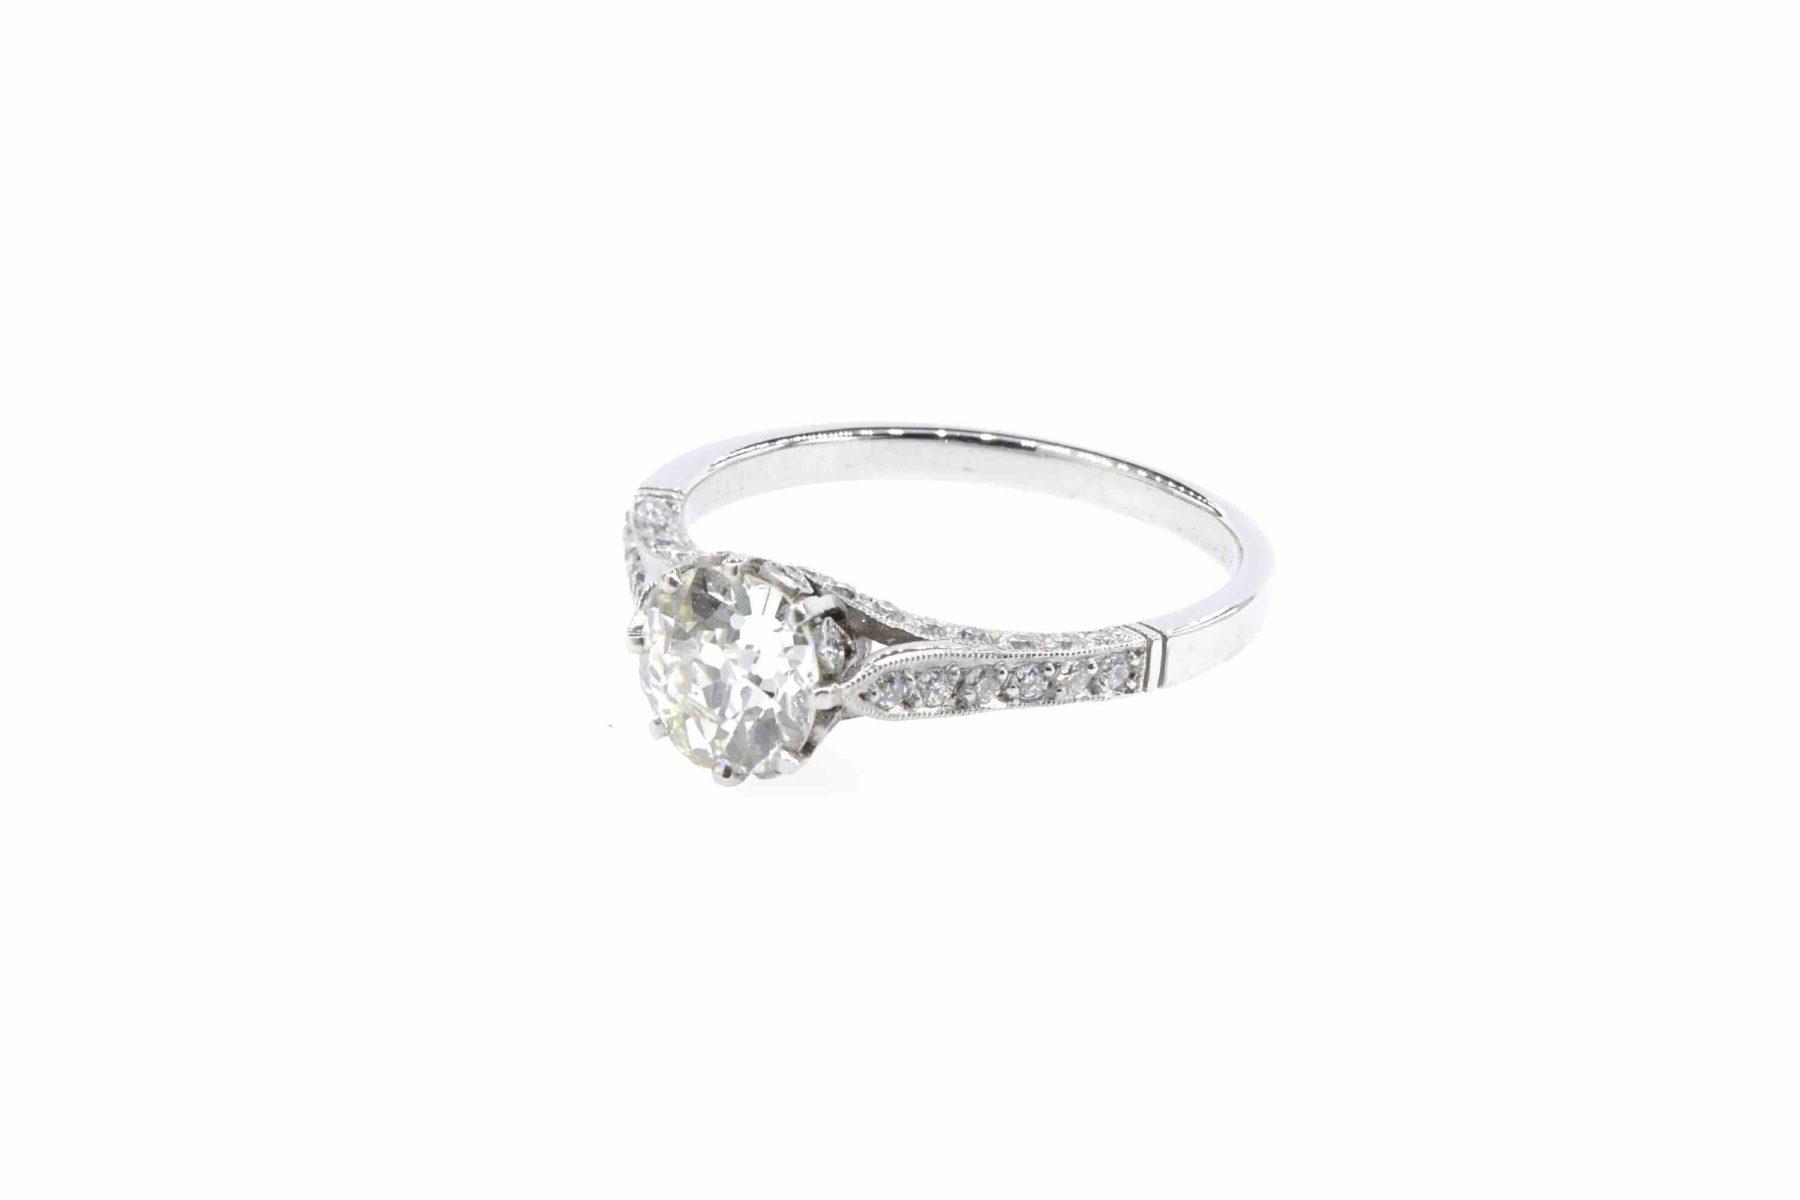 Bague solitaire diamants en platine